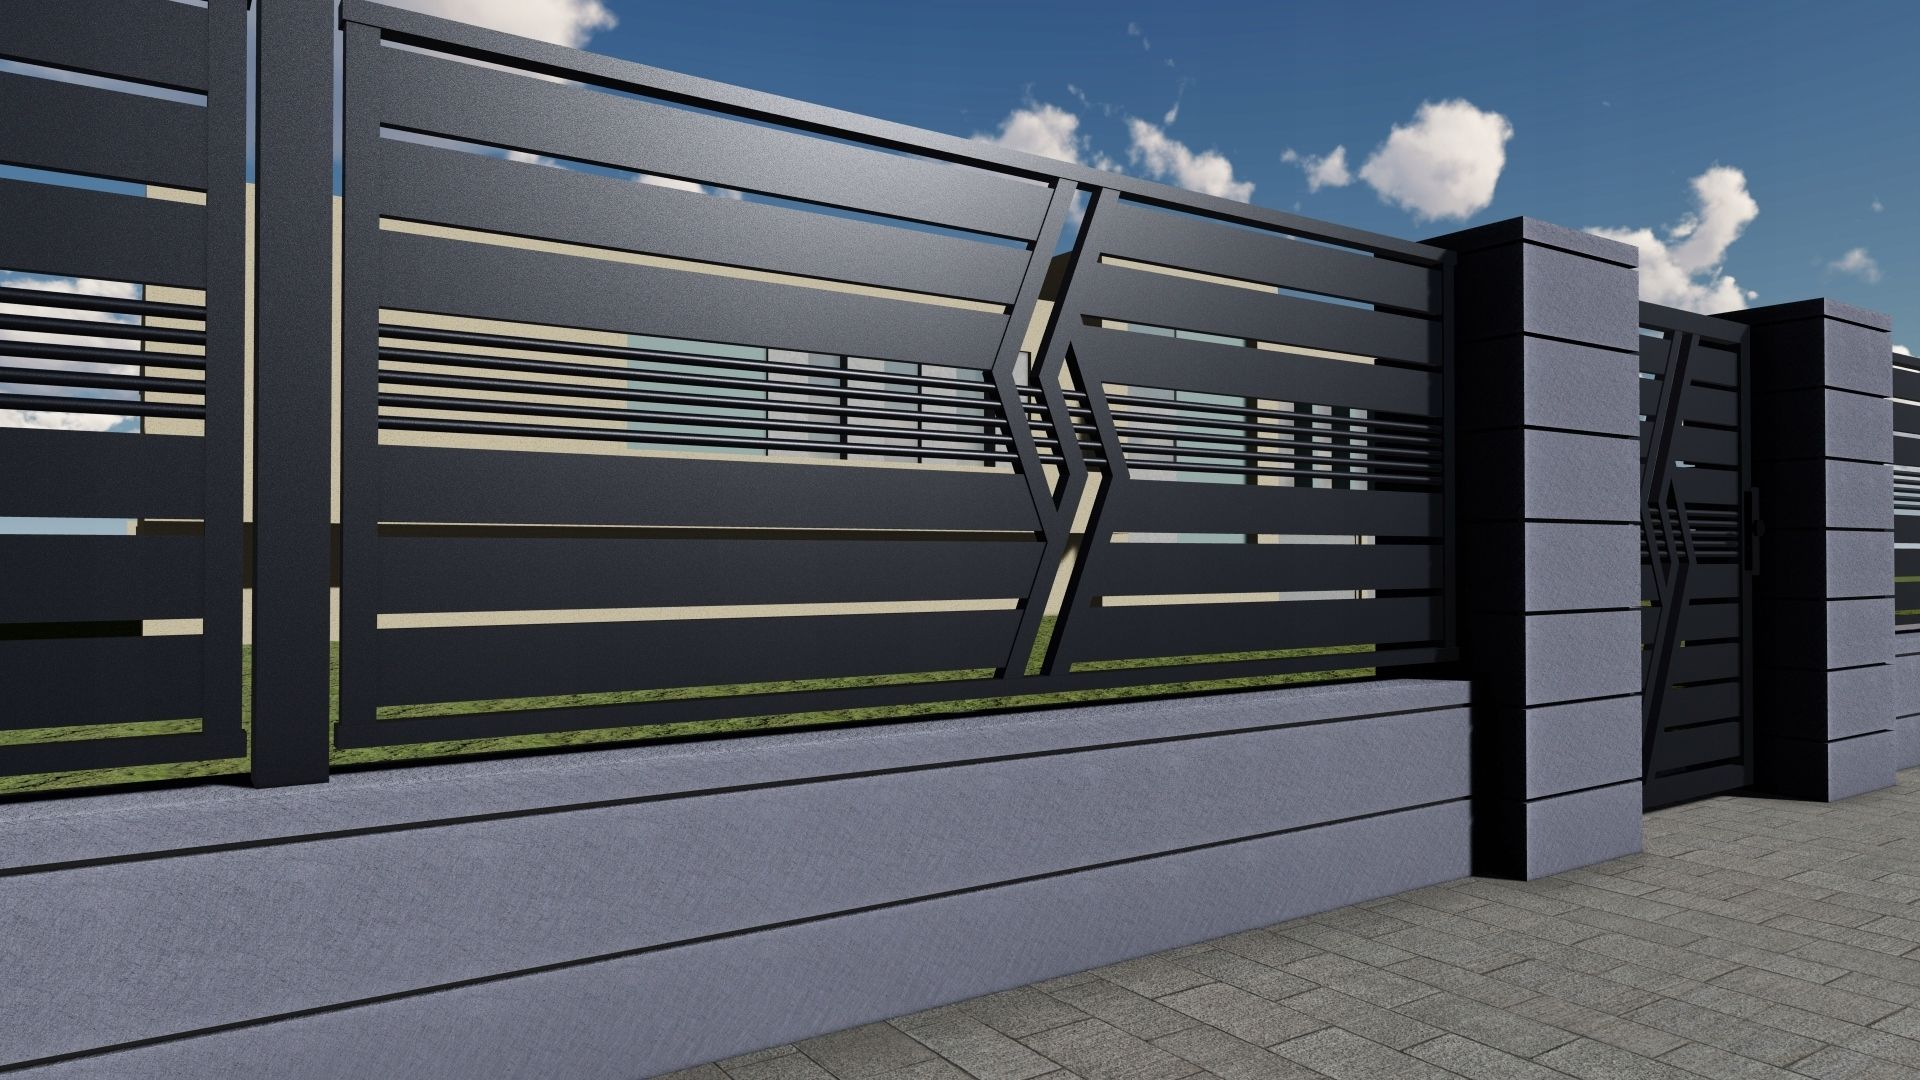 Ogrodzenie Panelowe Plot Brama Palisada Gobe 369 8832799588 Oficjalne Archiwum Allegro In 2020 Front Gate Design House Gate Design Gate Designs Modern